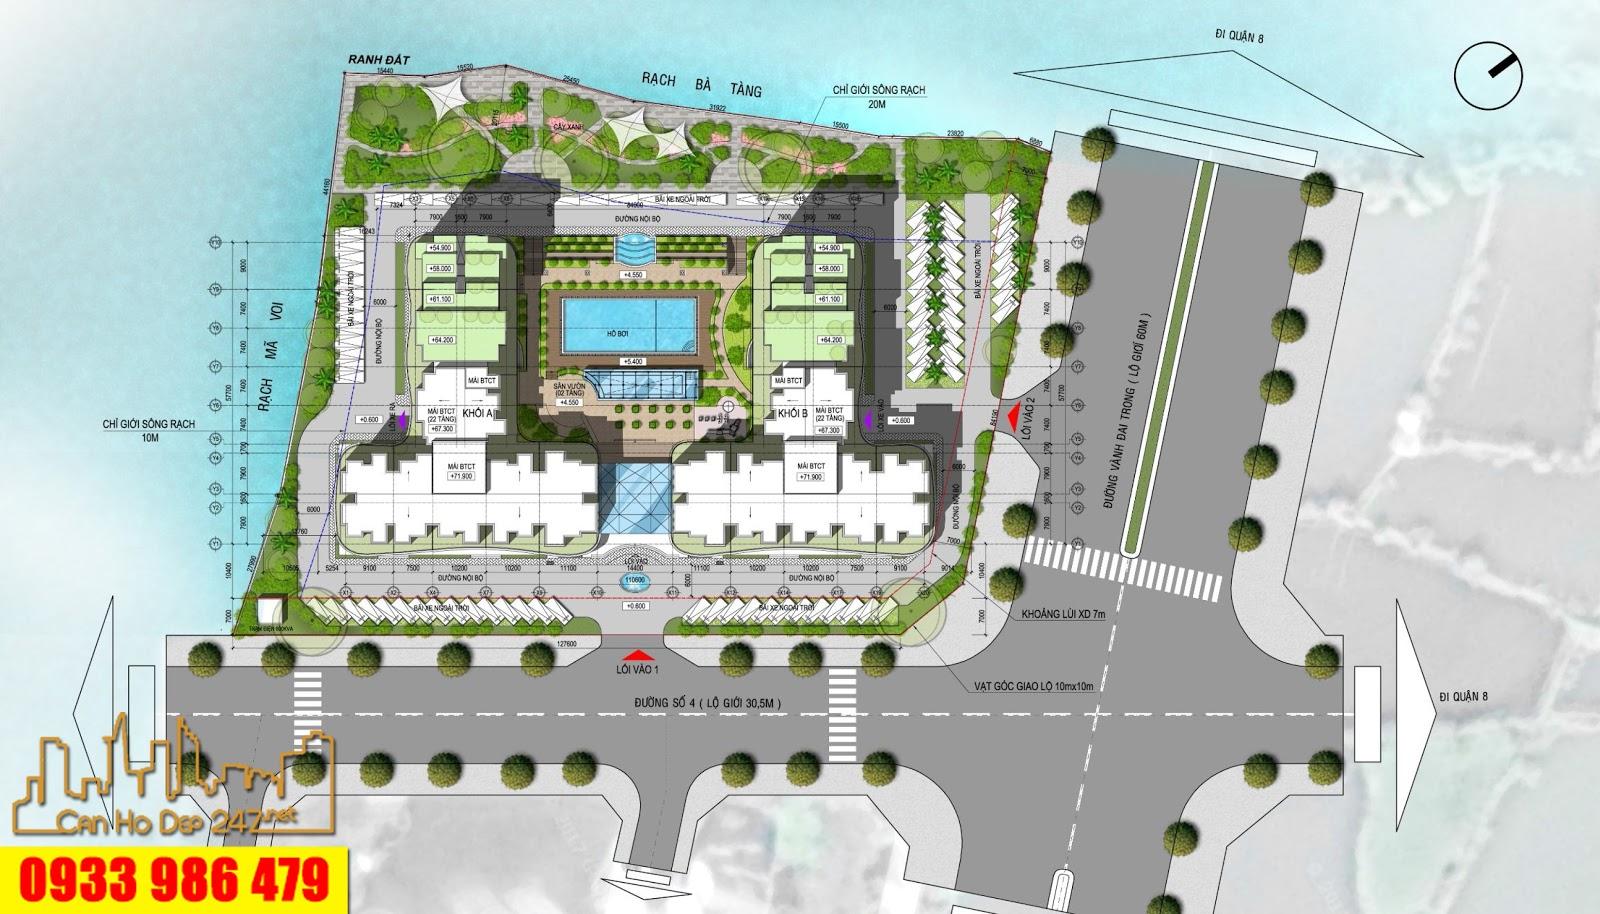 Mặt bằng tổng thế khuôn viên dự án Căn hộ Conic Riverside Quận 8 của CĐT Lĩnh Phong trong khu dân cư Conic